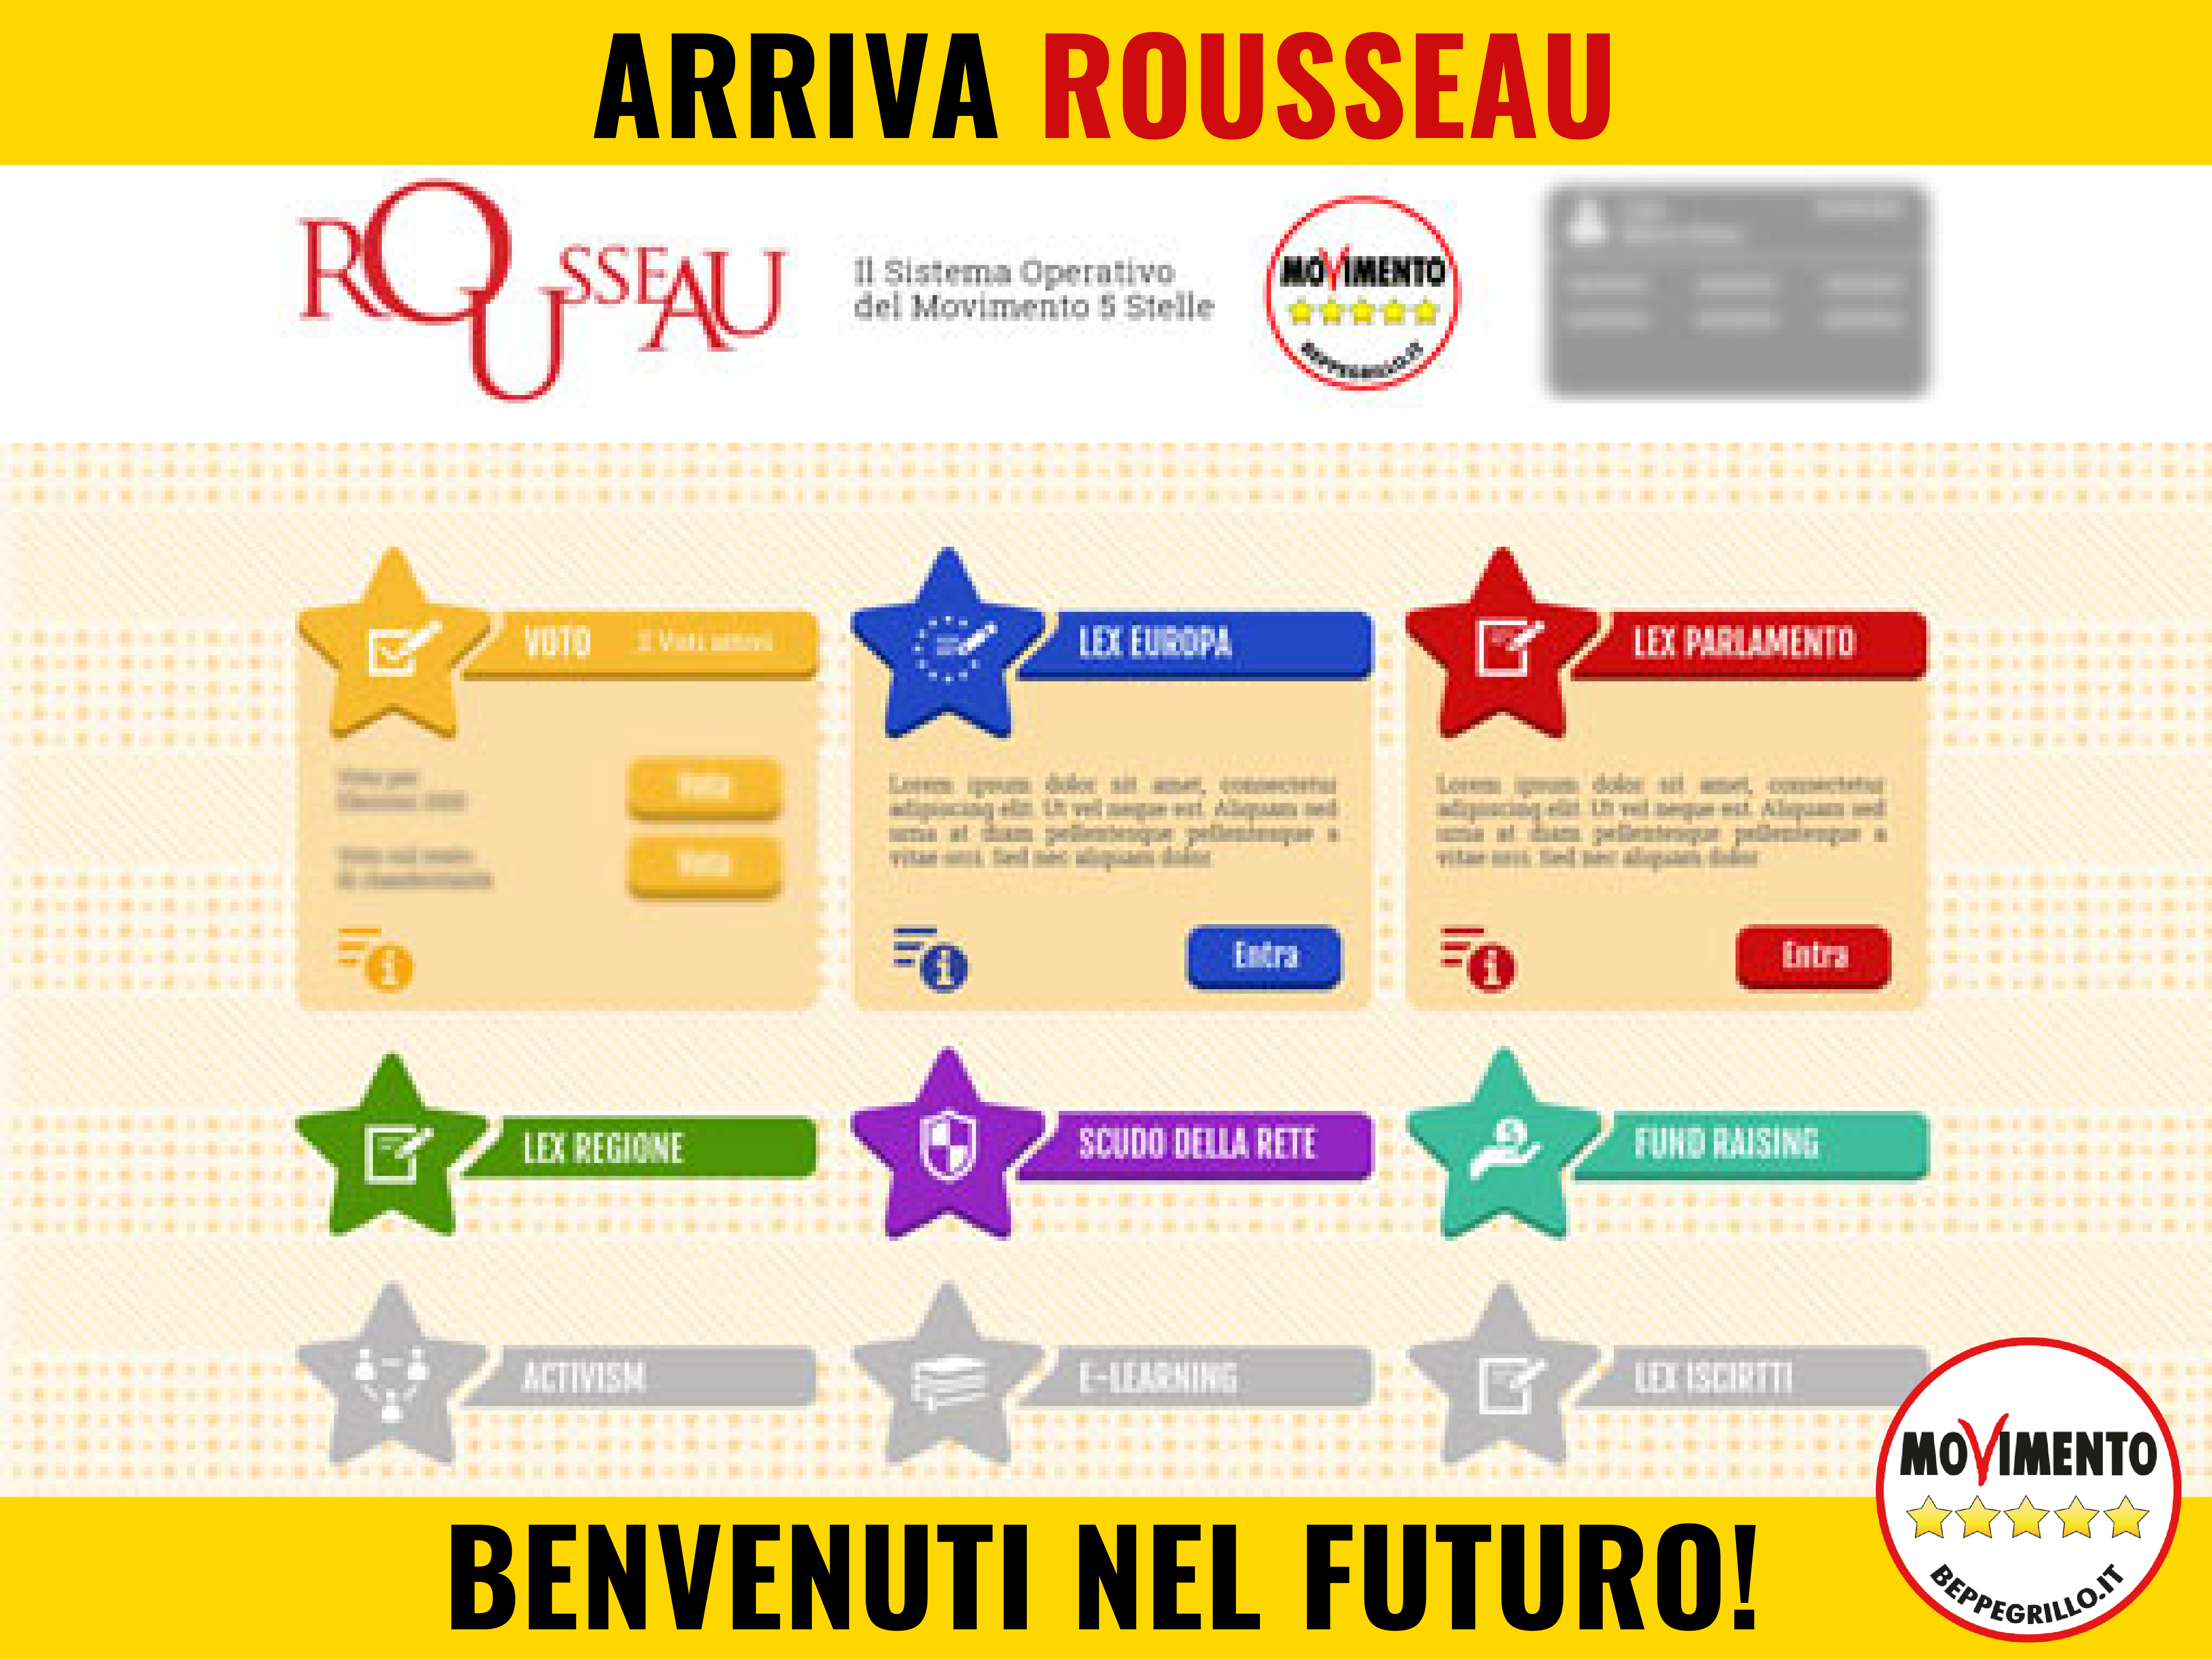 rousseau_01